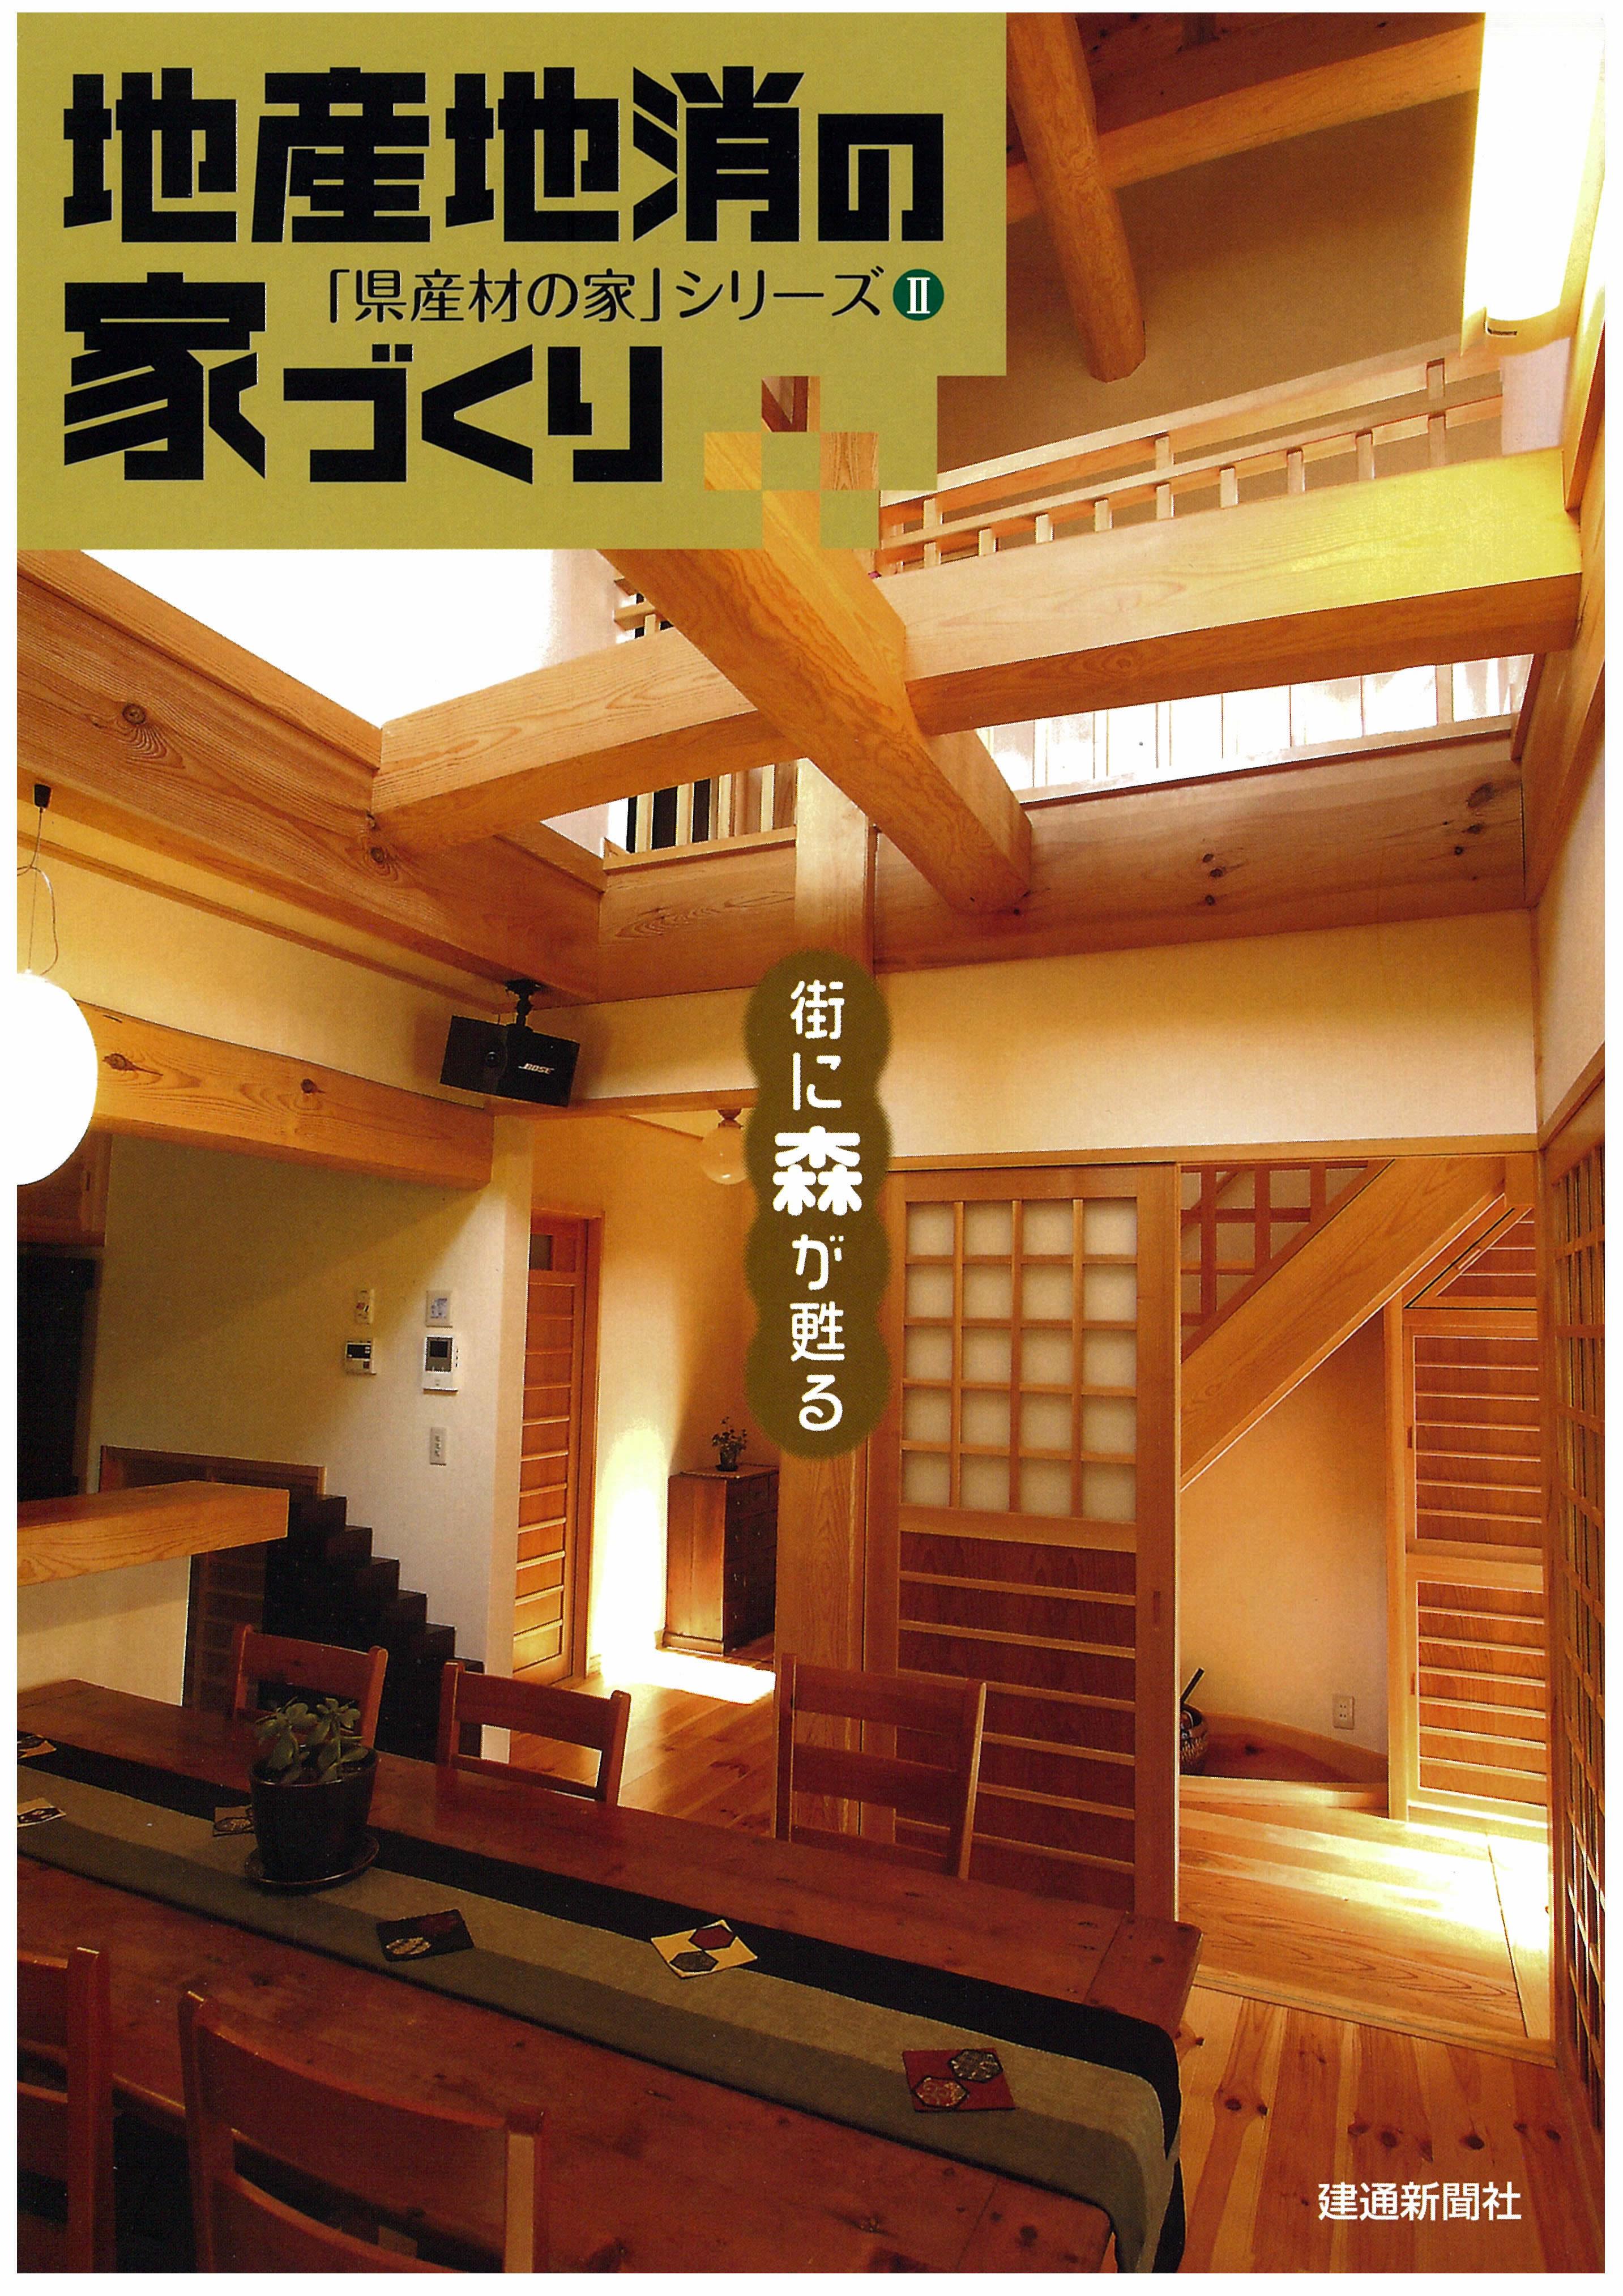 地産地消の家づくり「県産材の家」シリーズⅡ画像